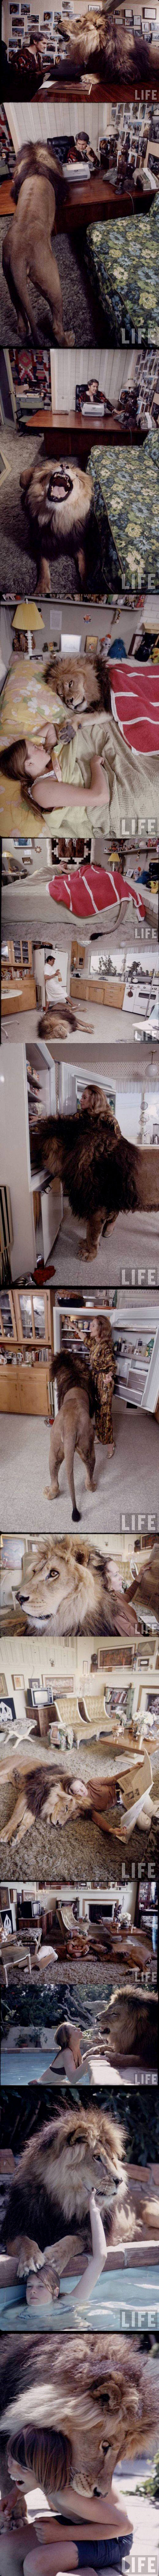 【画像】 ライオンを猫のように家の中で飼うある家族